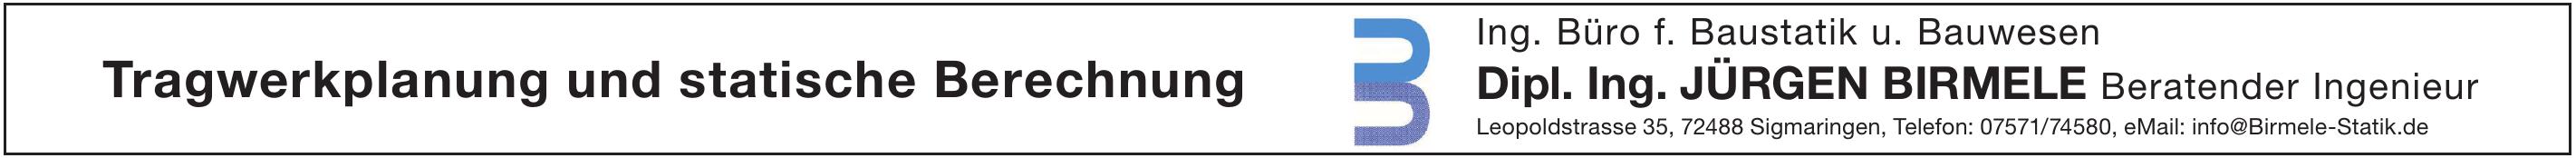 Ing. Büro f. Baustatik u. Bauwesen - Dipl. Ing. Jürgen Birmele Beratender Ingenieur